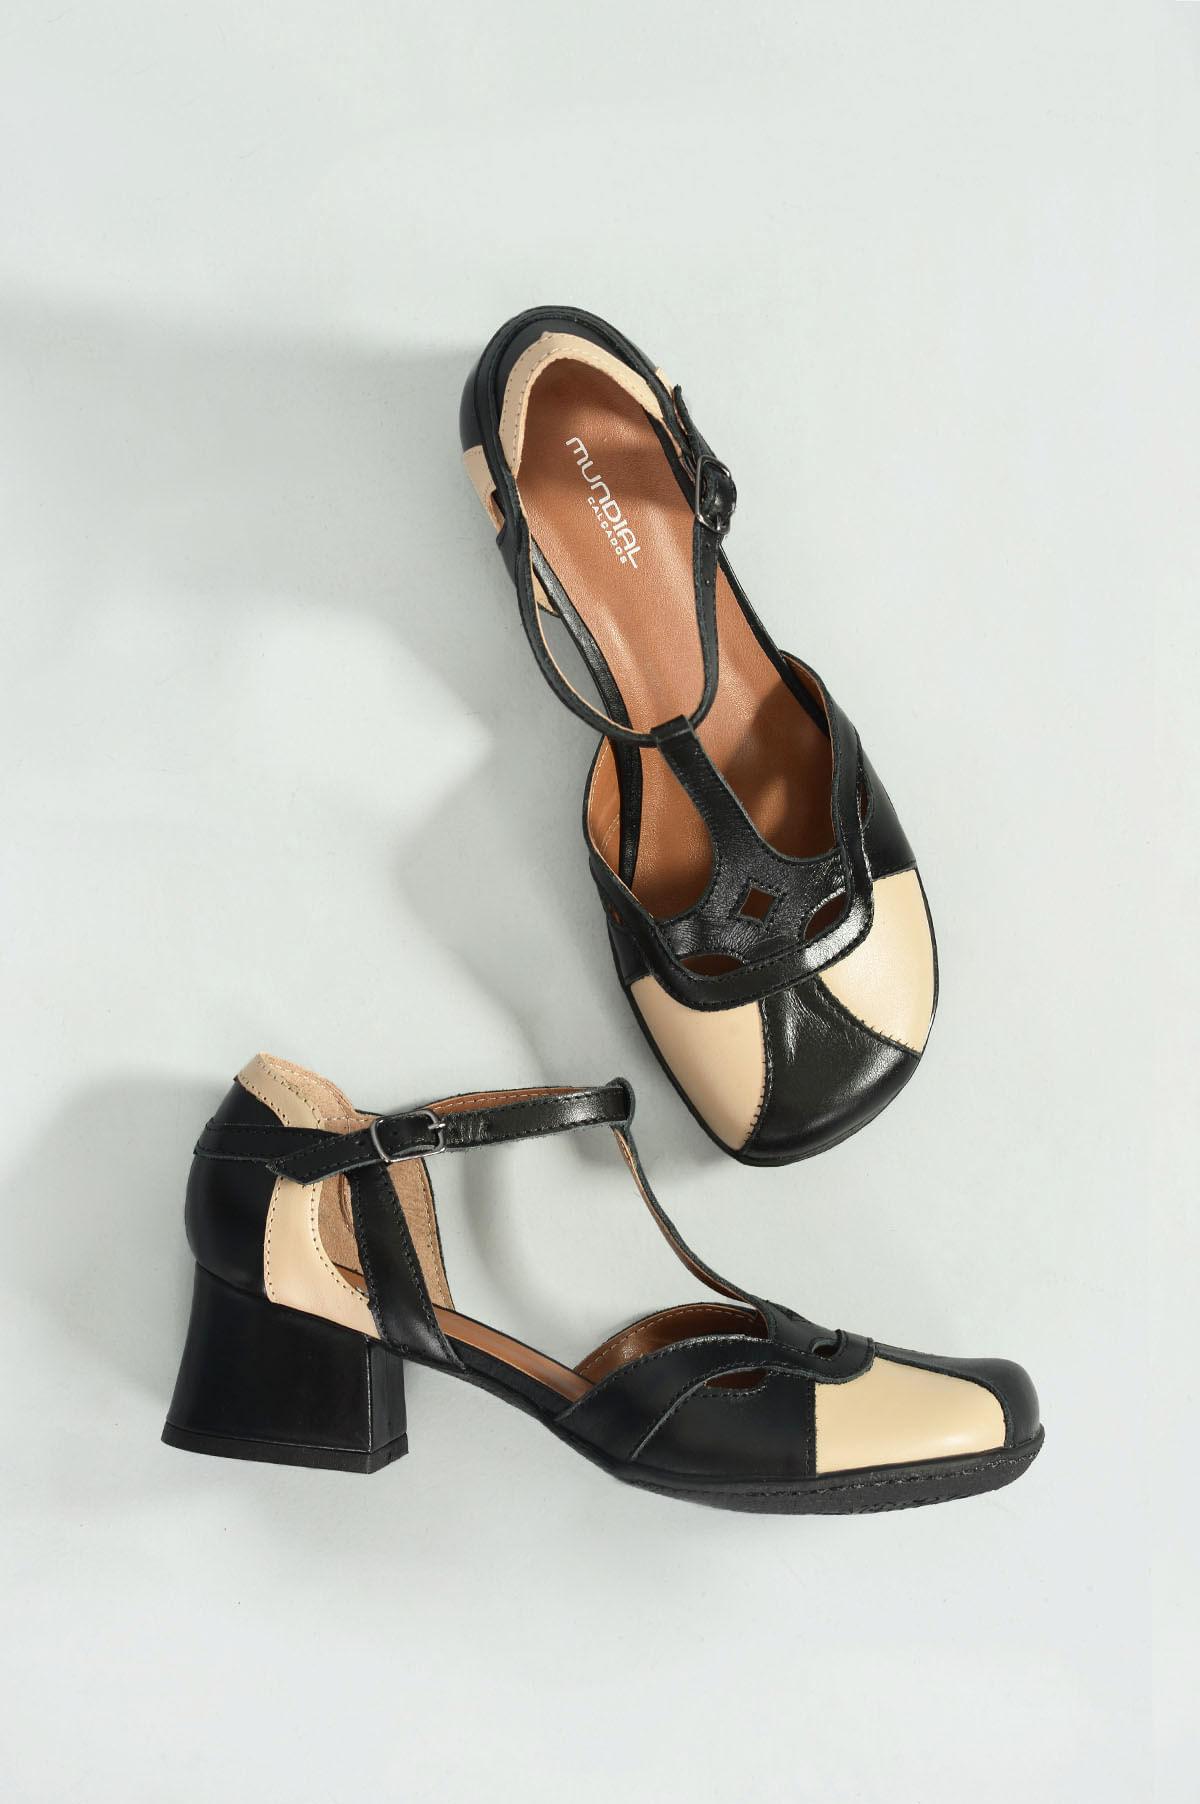 2b0d8792e3 Sapato Feminino Salto Médio Maneva Mundial CR-PRETO - Mundial Calçados